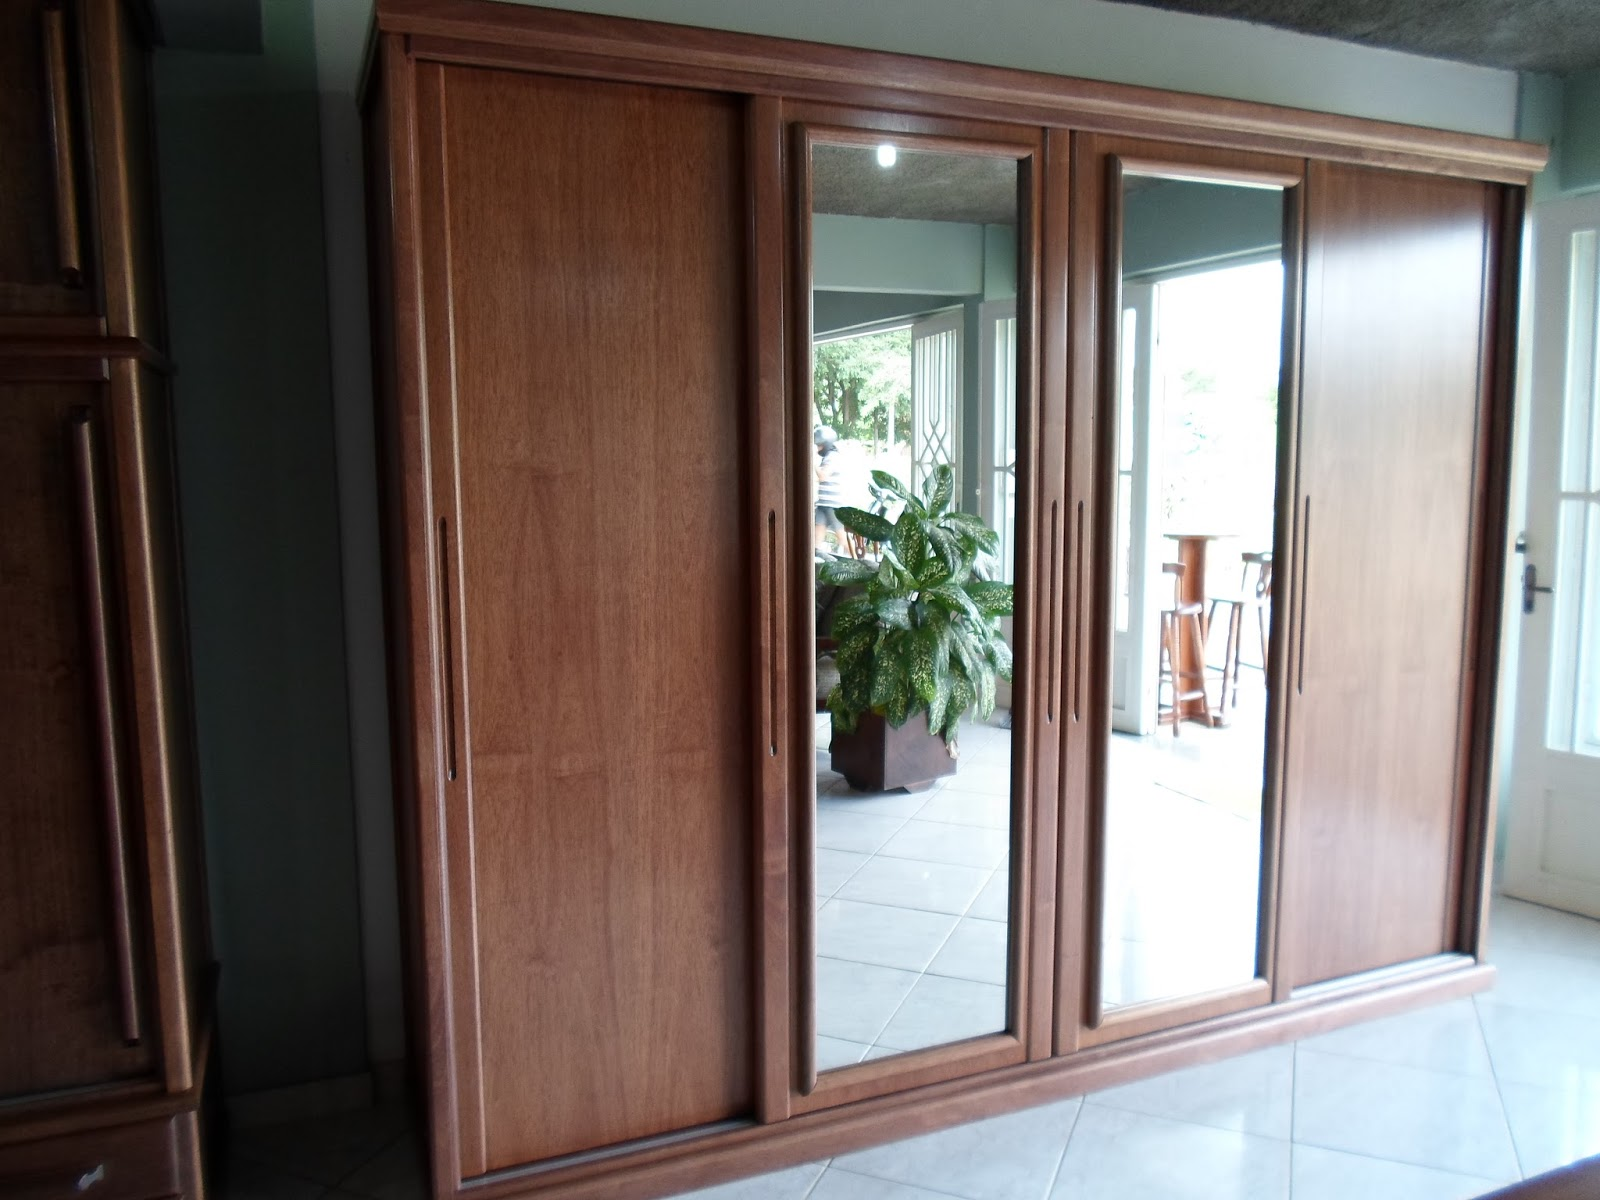 Os gaveteiros ficam nas duas portas do meio são 10 gavetas 5 de  #6A4638 1600x1200